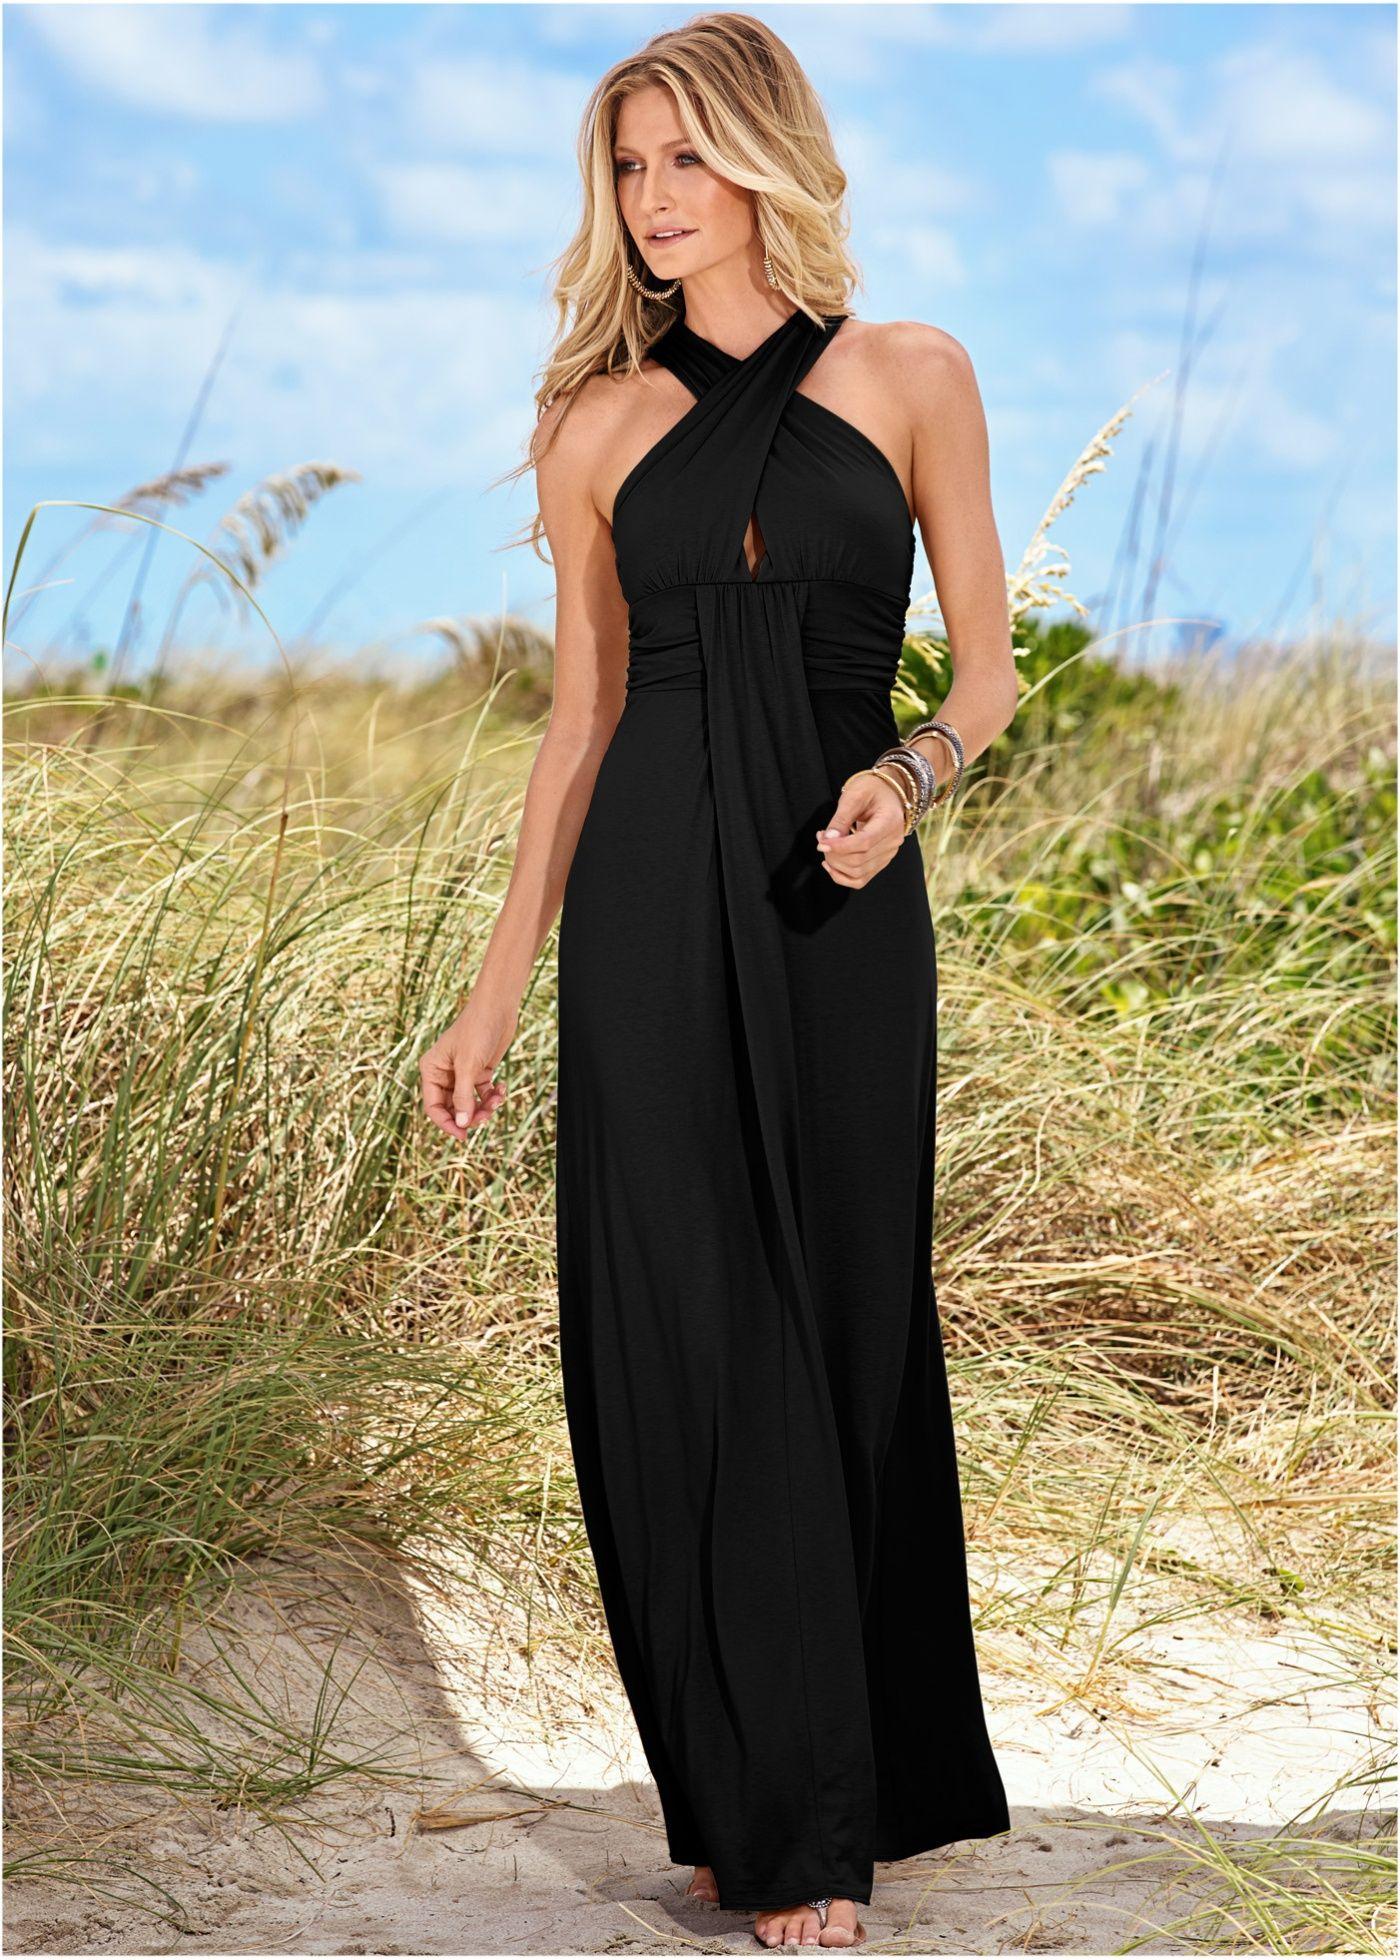 fbe9f9e5e Vestido longo preto encomendar agora na loja on-line bonprix.com.br R$  129,90 a partir de Vestido longo estampado sem mangas. Confeccionado em  malha de .